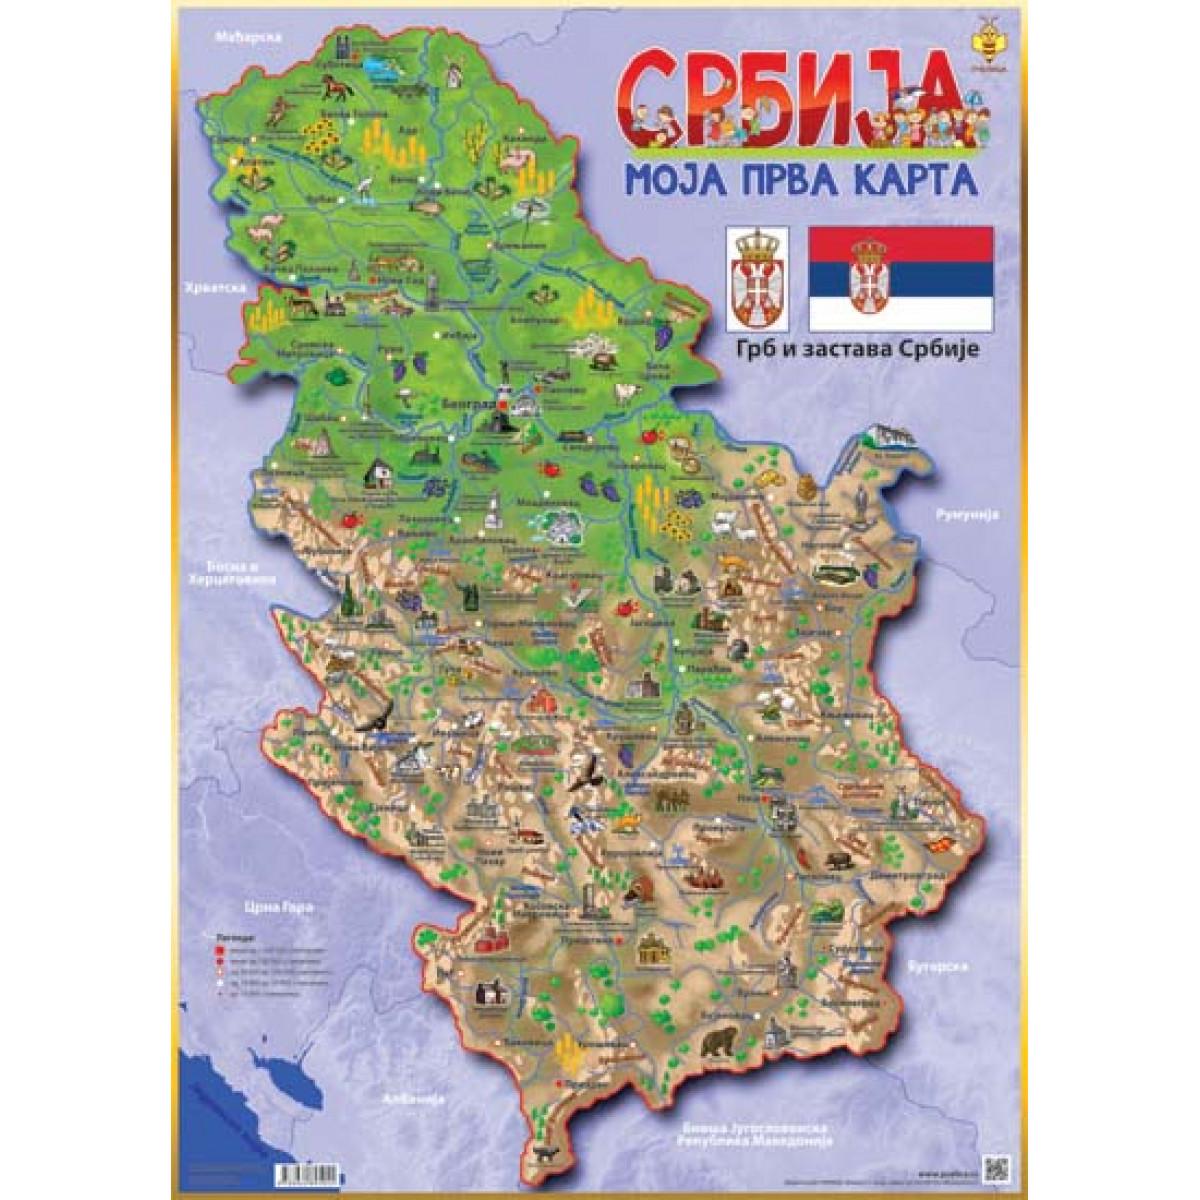 Karta Srbije Karta